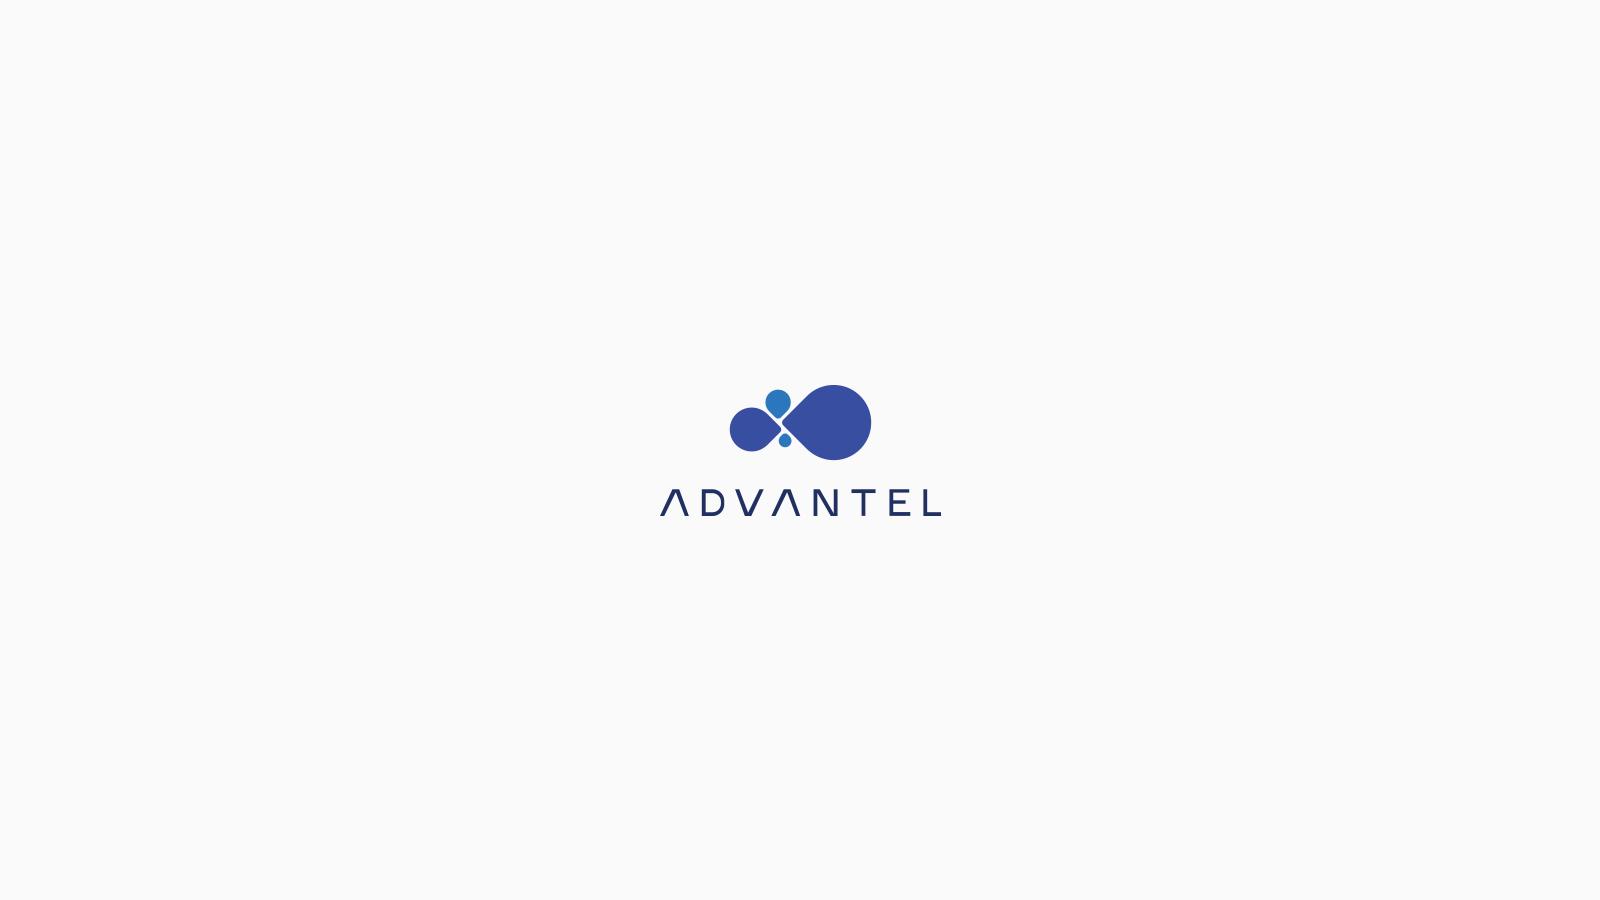 Advantel 4.jpg